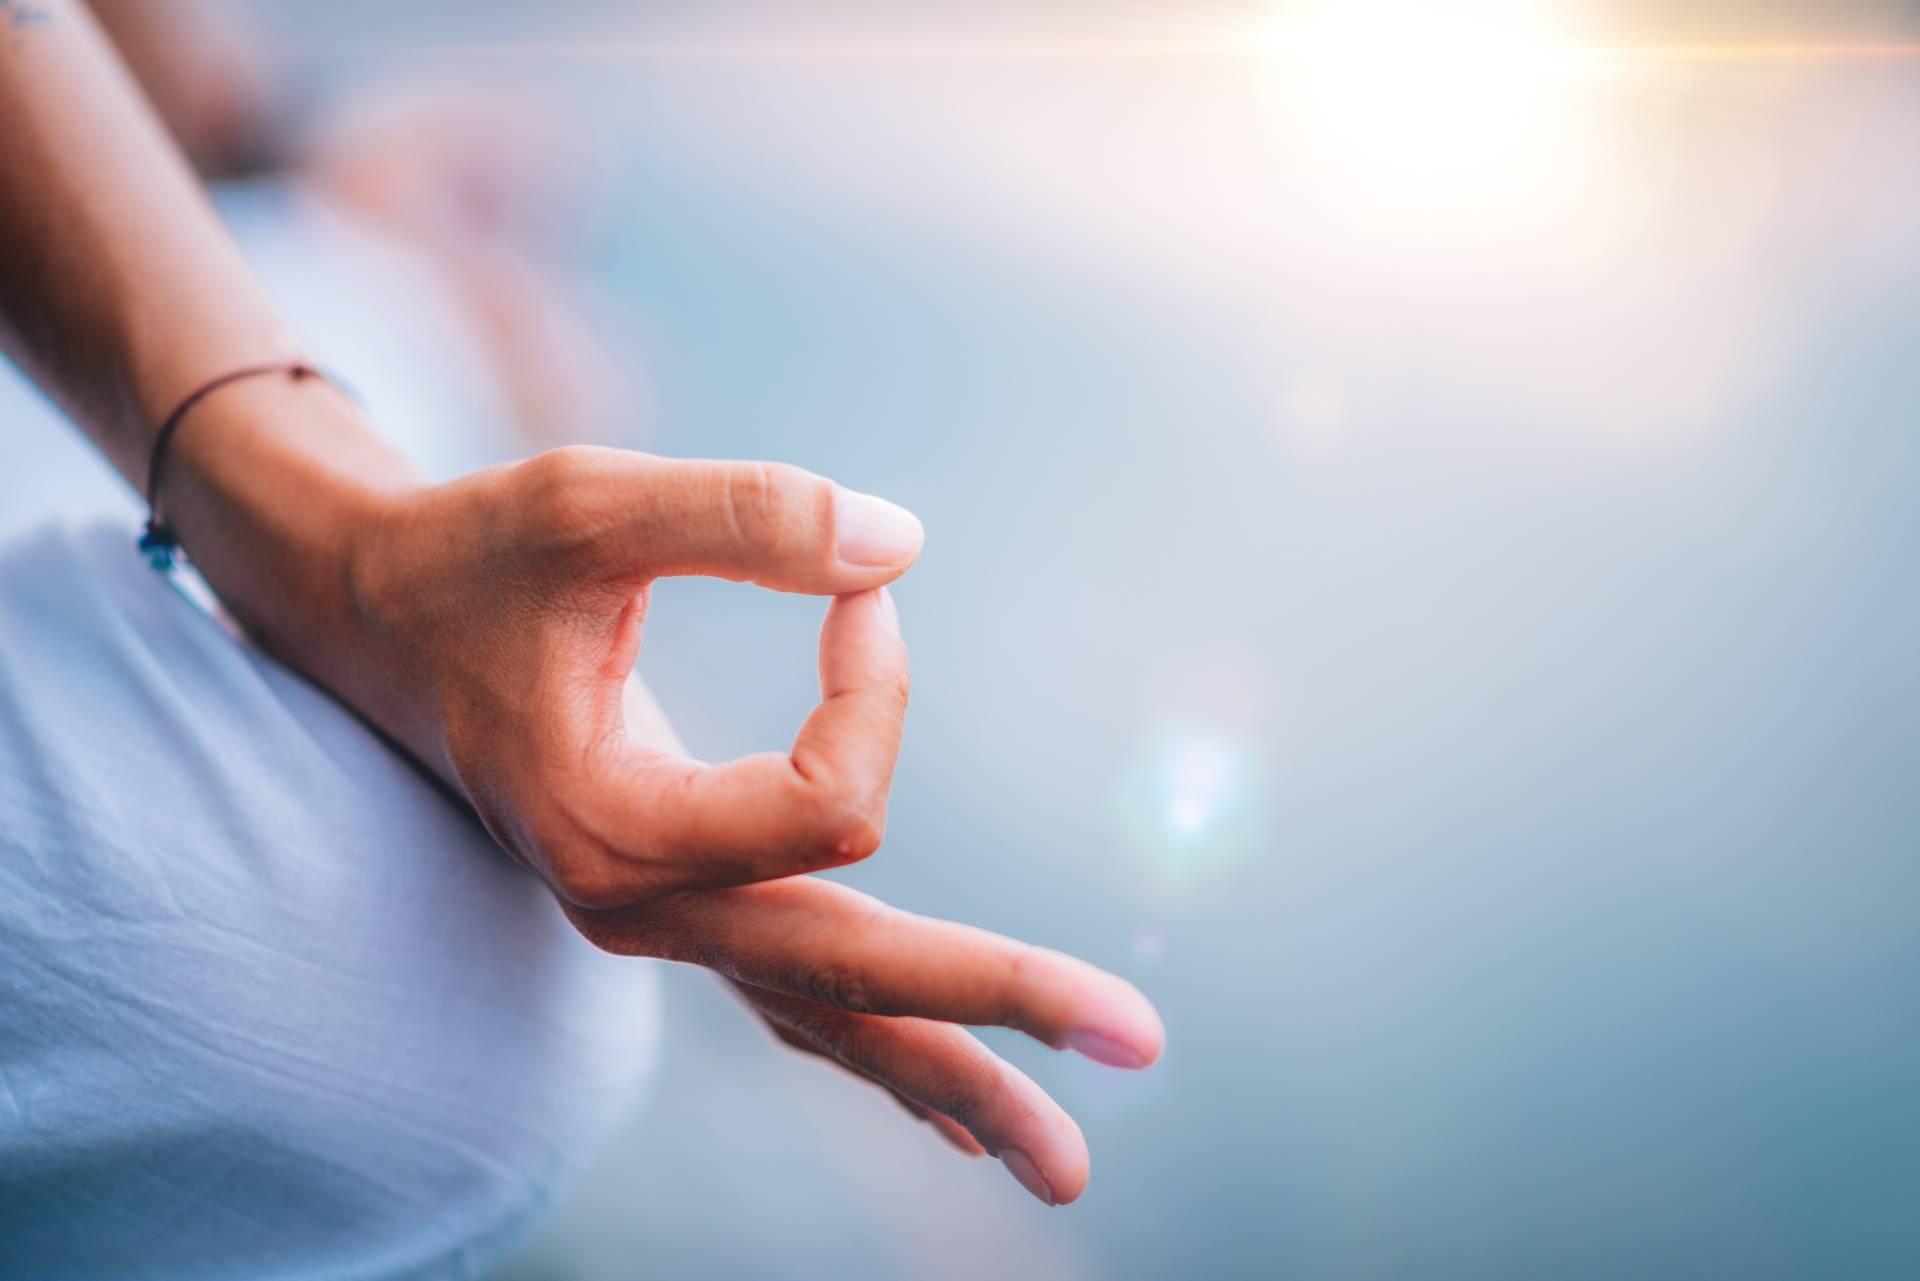 Mudry dłoni - gesty życia. Mudra w pozycji lotosu.